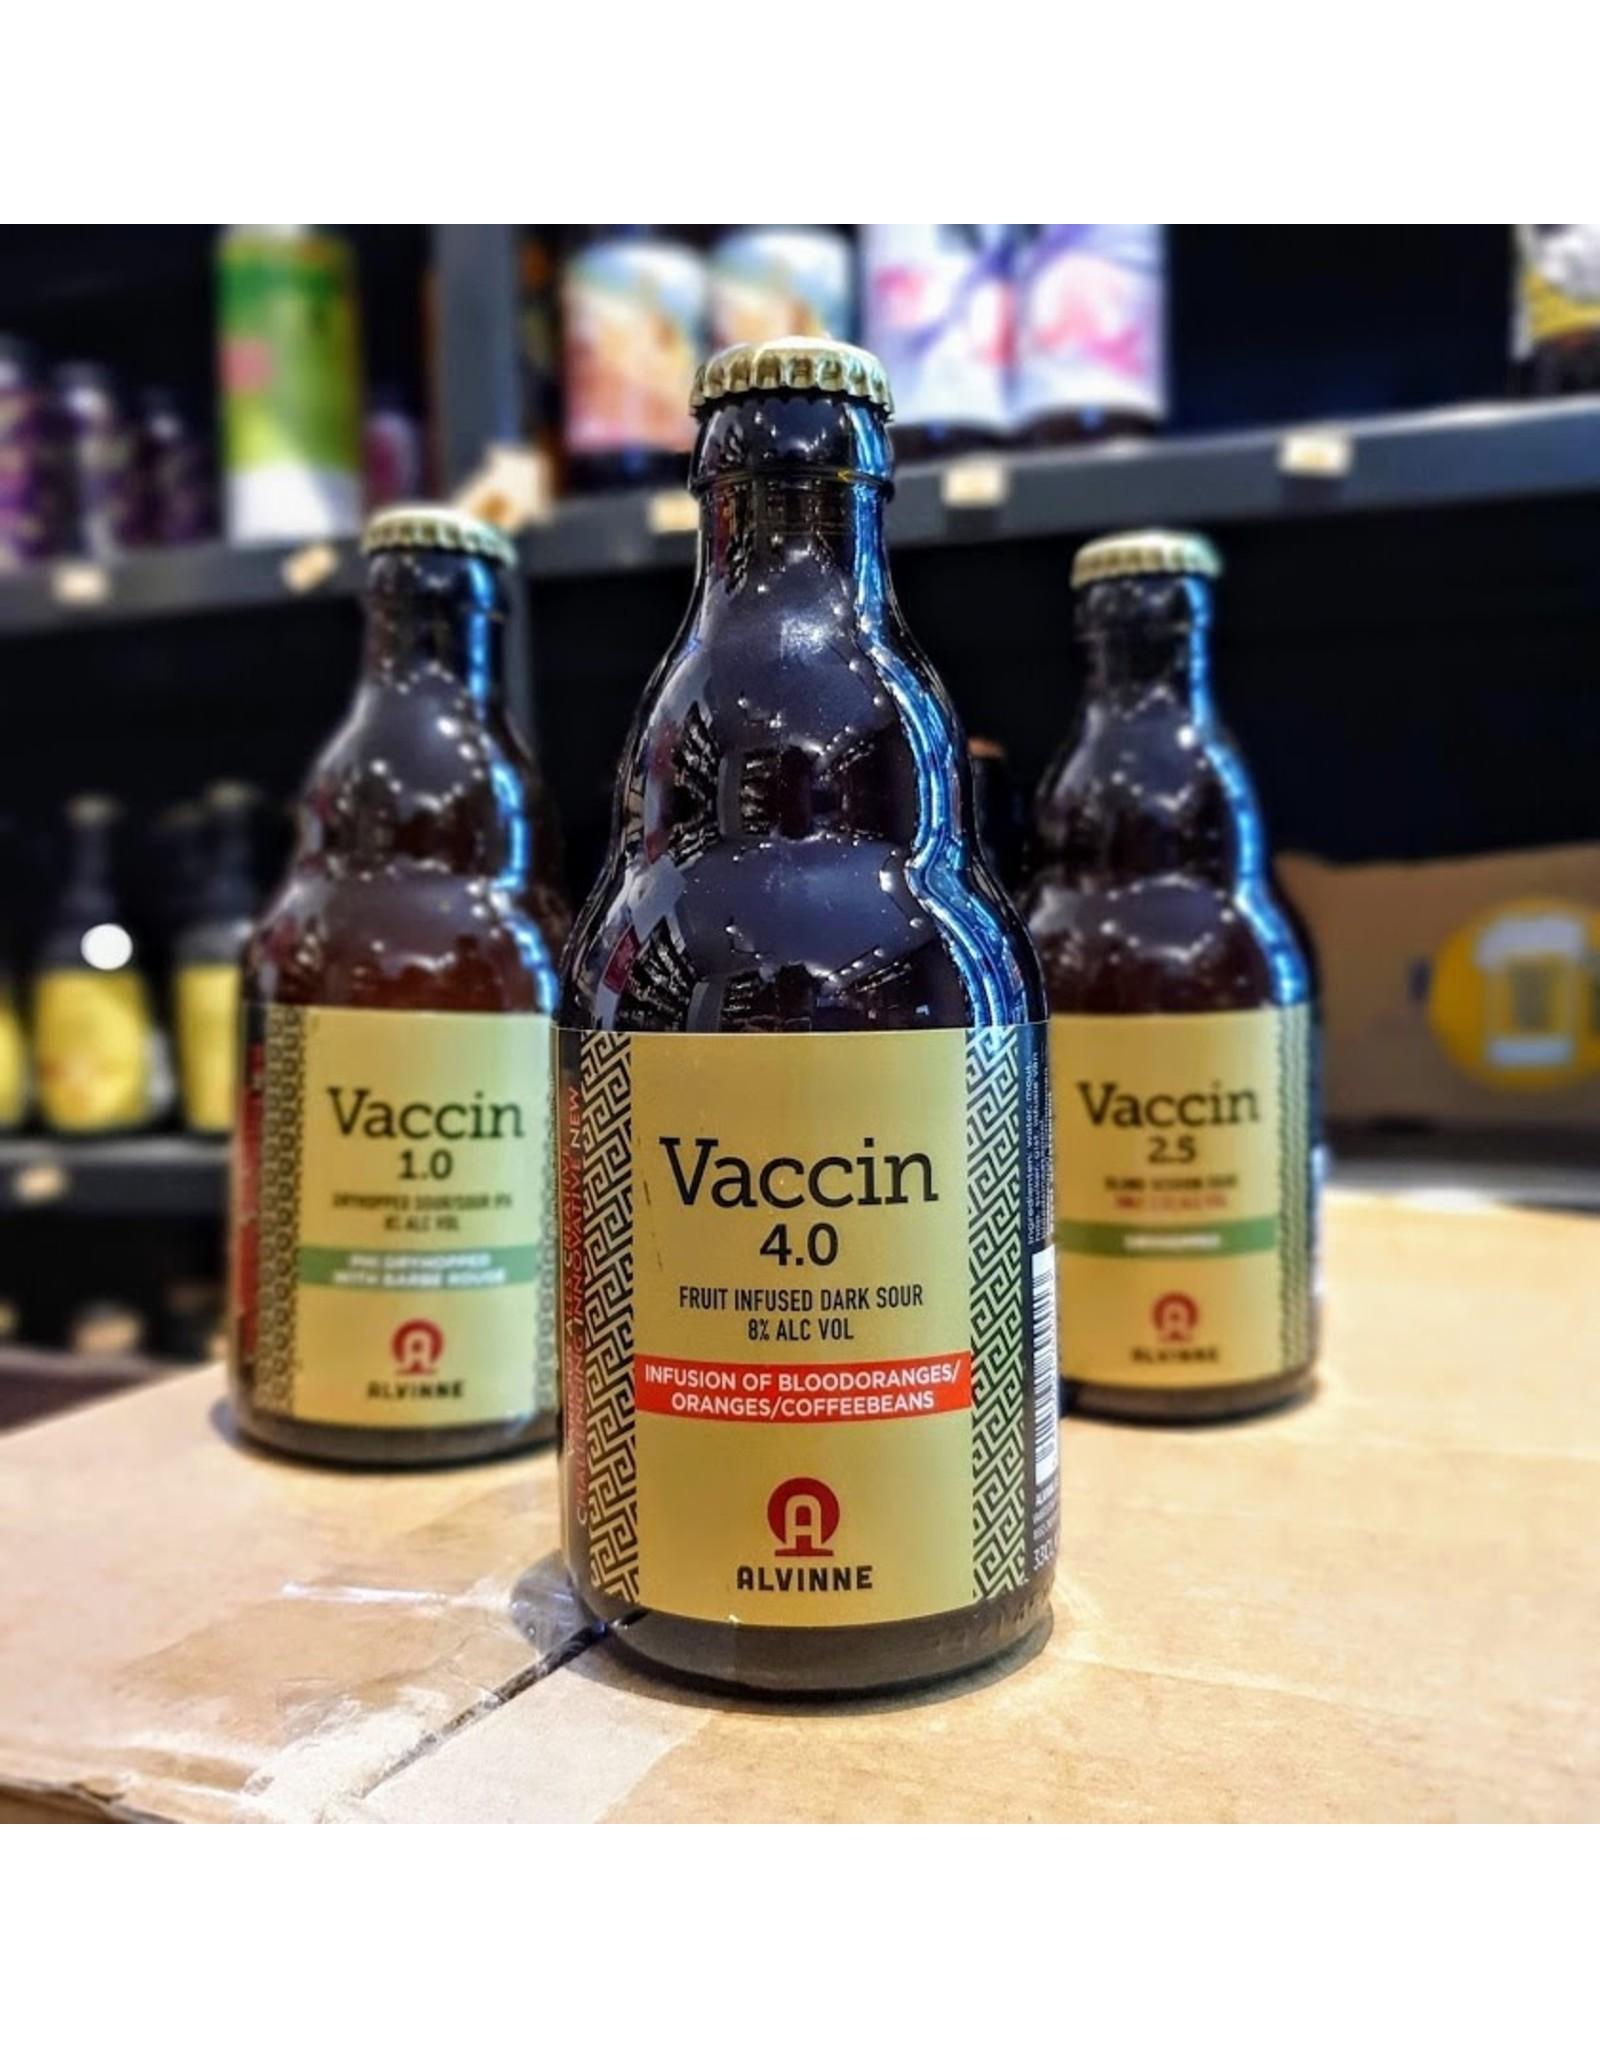 Alvinne Alvinne: Vaccin 4.0